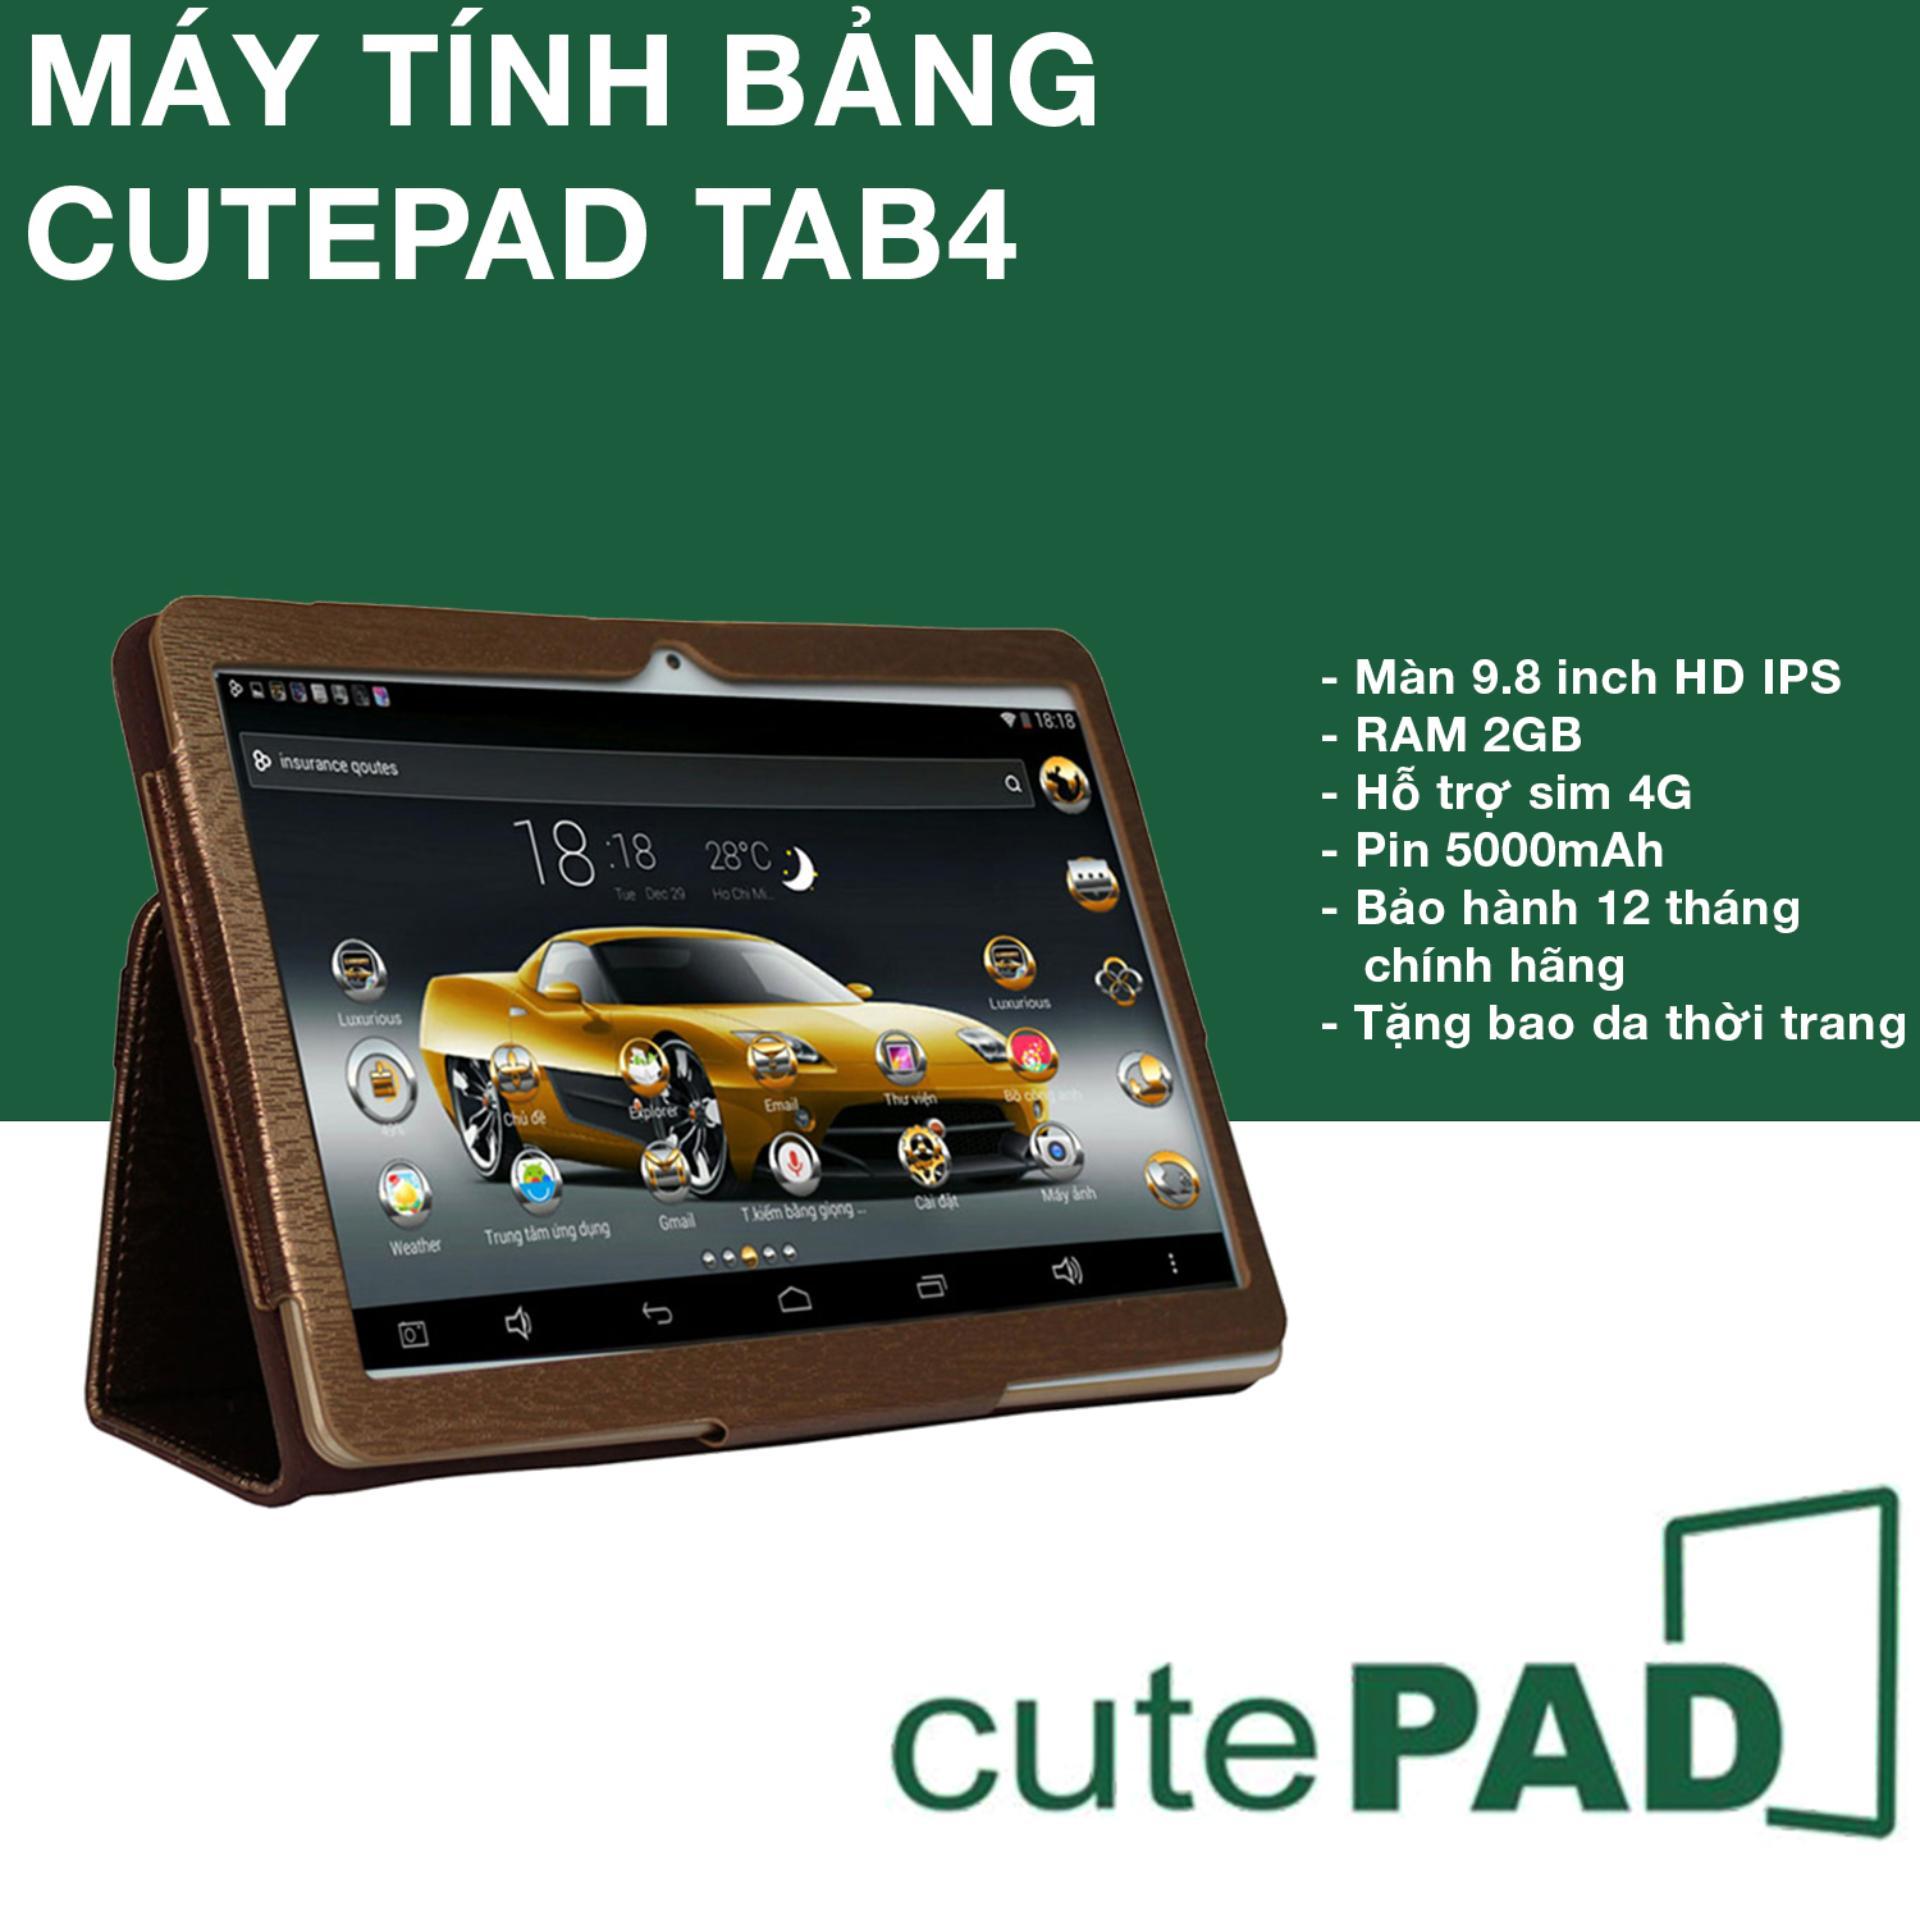 Hình ảnh Máy tính bảng cutePAD 2018 M9601 Wifi/3G 2GB RAM 9.6